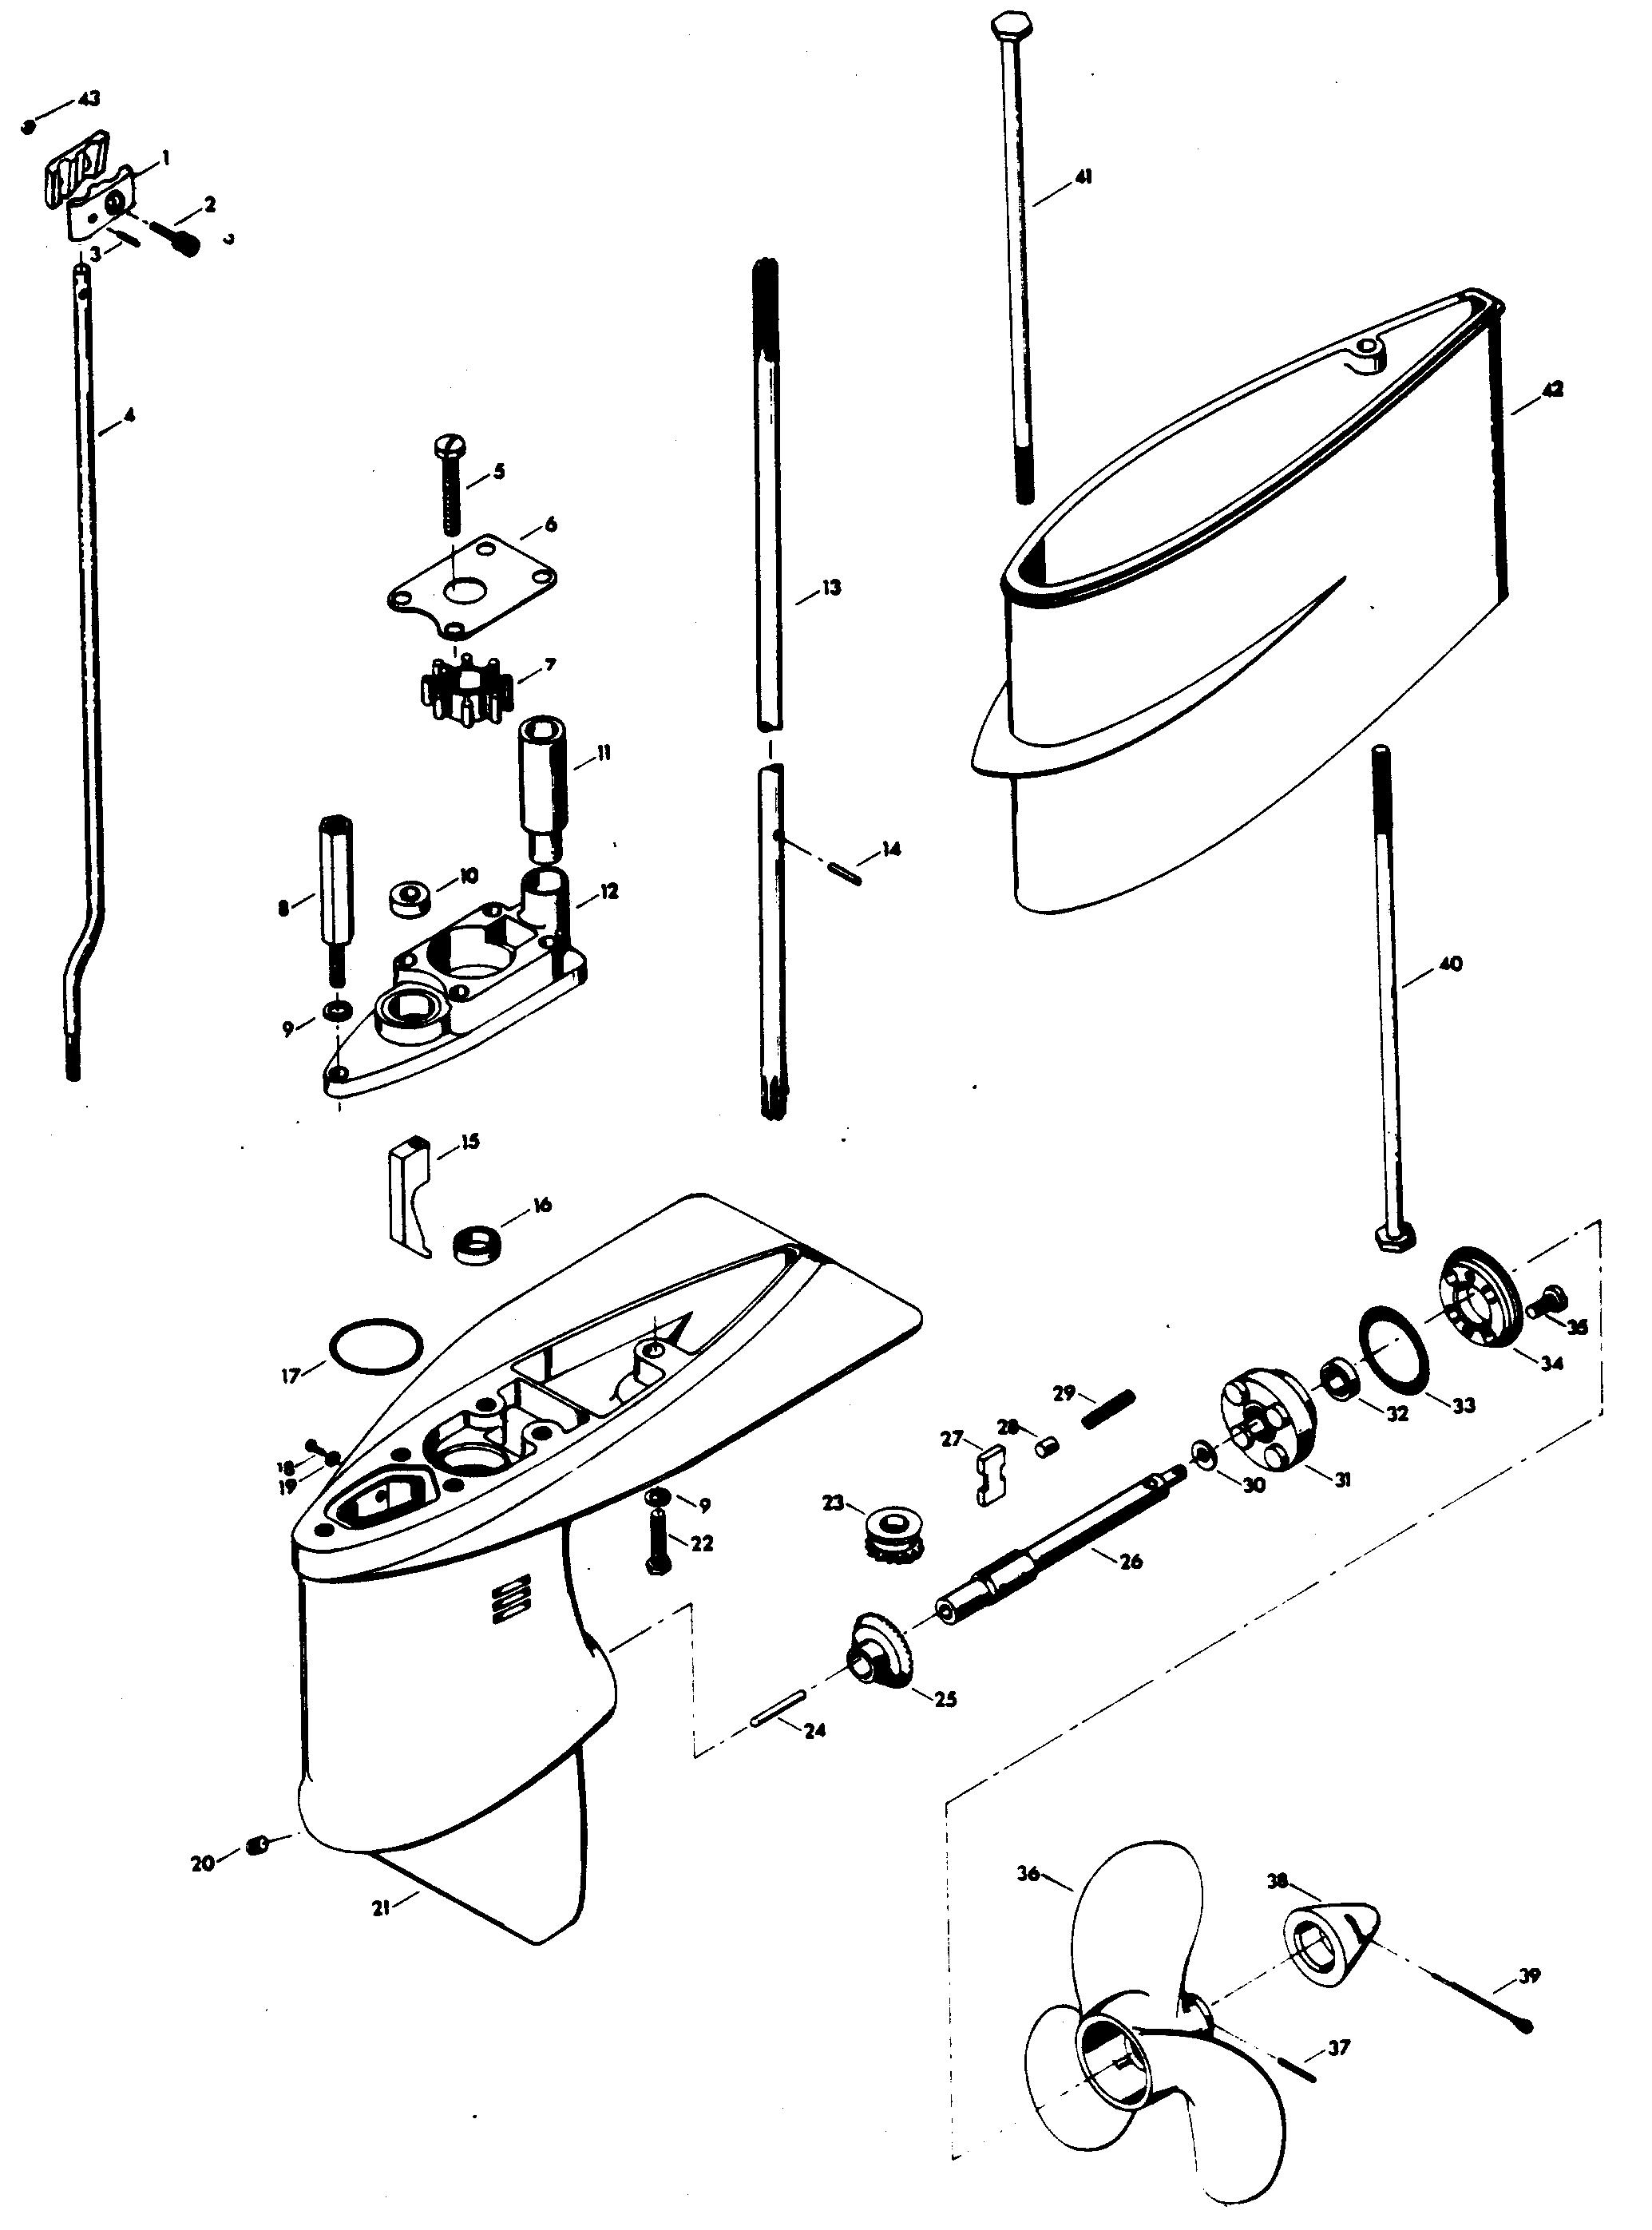 Chrysler 105 hp marine wiring diagram